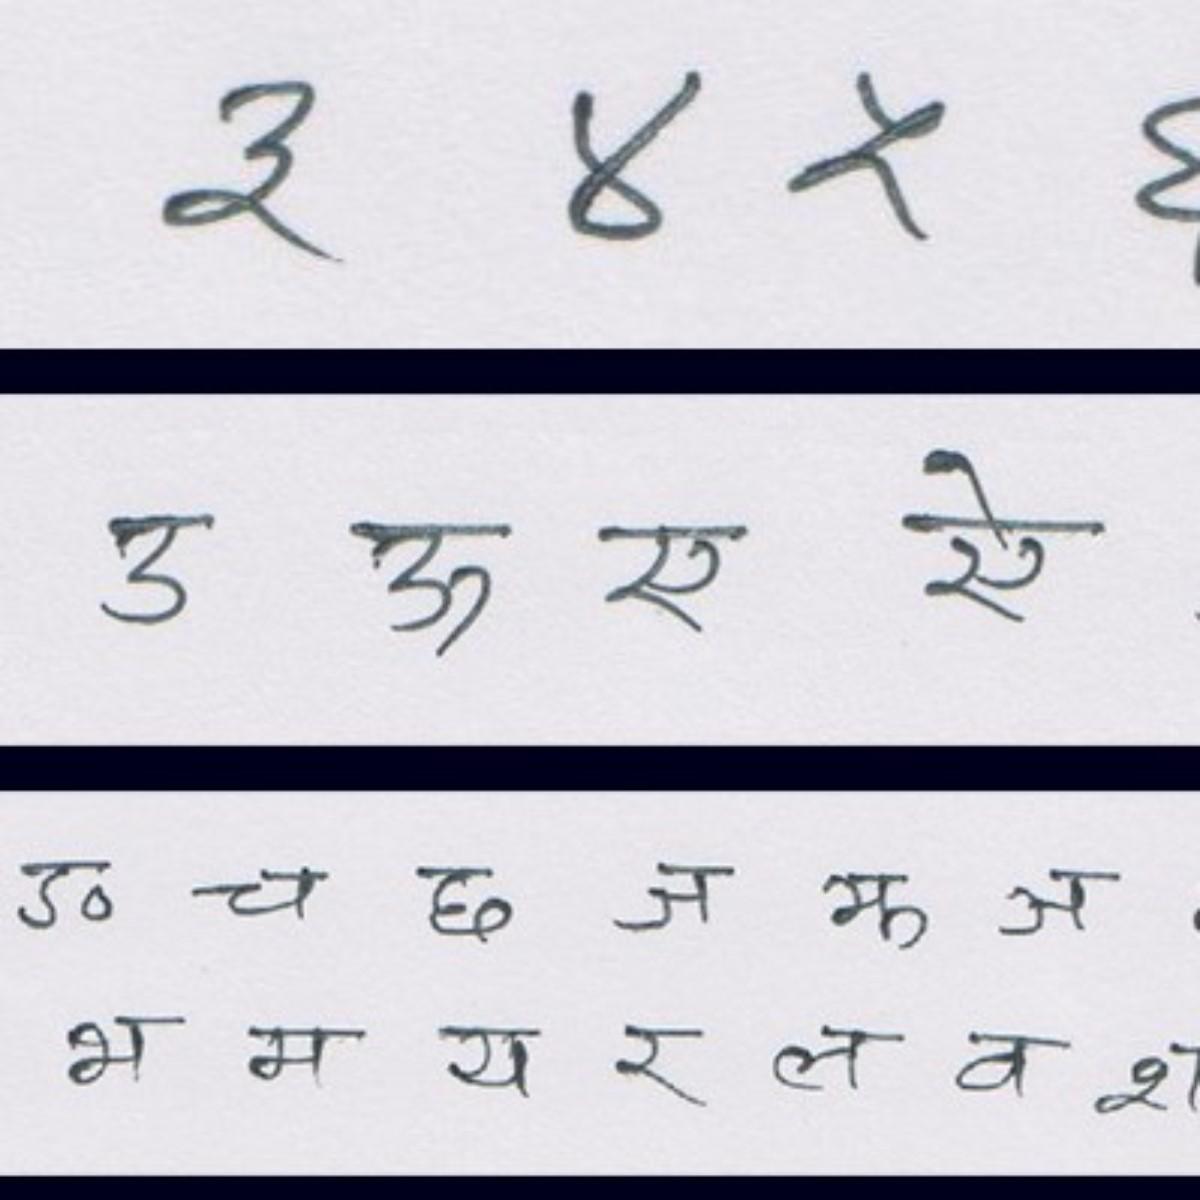 Devanagari Character Dataset | Kaggle